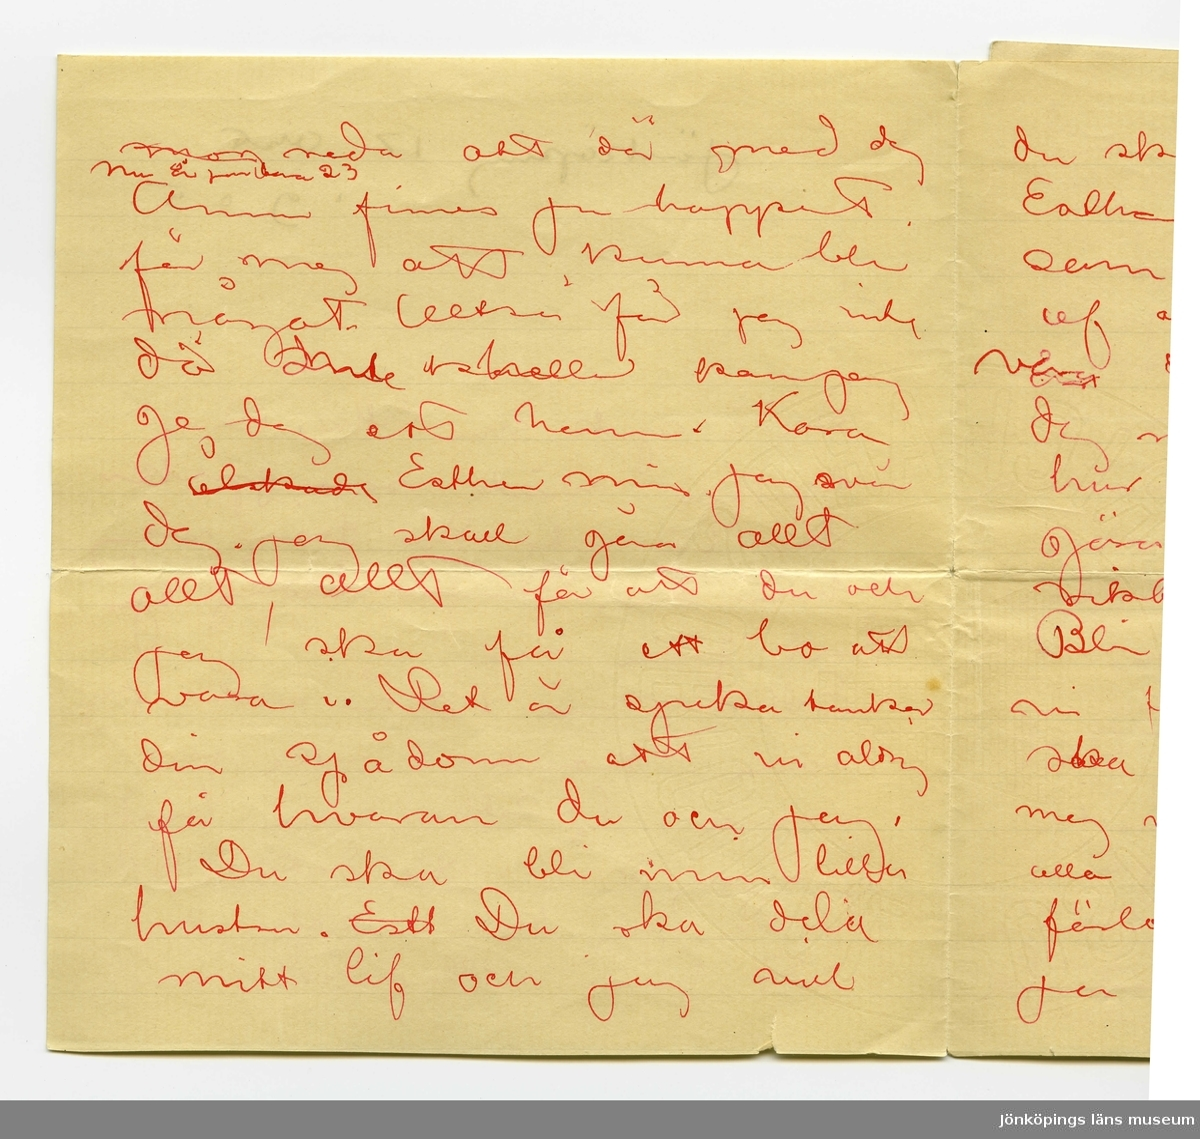 Brev 1905-10-17 från John Bauer till Ester Ellqvist, bestående av sju sidor skrivna på bägge sidor av två vikta pappersark. Huvudsaklig skrift handskriven med rött bläck, ort och datum i svart. Brevet saknar underskrift. Handstilen tyder på John Bauer som avsändare. . BREVAVSKRIFT: . [Sida 1] Jönköping 17 okt. 1905. Kära Du ä sjuk min Esther. Dina tankar måste vara sjuka du få inte dö från mej hör du. Du få aldrig gå bort från mej Esther mina 30 år ville jag vara. konstnär ville jag vara. O Esther min. hvarför är jag då inte detta. Då hade jag kunna gifva dej ett hem eller ock vara . [Sida 2] [överstruket: m-n] redo att dö med dej [inskrivet: nu är [?] bara 23] Änn finns ju hoppet för mej att kunna bli något. Altså får jag inte då [överstruket: 2 oläsliga ord] kan jag ge dej ett hem. Kara [överstruket: älskade] Esther min. Jag svär dej. Jag skall gör allt allt, allt för att du och  jag ska få ett bo att vara i. Det ä sjuka tankar din spådom att vi aldrig få hvaran du och jag. Du ska bli min lilla hustru. [överstruket: Esth] Du ska dela mitt lif och jag vill . [Sida 3] du ska bli lycklig Kara Esther hvarför skall jag som vill din lycka nest af alla människor, [överstruket: jag] [överskrivet: är] vara den människa som gör  dej mest sorg. Men Esther hur vill du nu jag skall göra om du ska bli riktigt riktigt lycklig. Blir du lyckligare om vi förlofva oss. Manniskorna ska beklaga dej och tycka mej vara galen som utan alla existensmedel går och förlofvar mej och det är ju ändå för människorna . [Sida 4] vi förlofva oss. Gifta oss inför människorna kunna vi andå inte utan pängar mycke mindre lefva gifta. Esther min jag gör dej lessen igen. Vi ska ju kunna gifta oss det är bara Nu vi inte kunna det. Jag vill du skall vara glad Vi ega ju hvarandra redan vi skola alltid ega  hvarandra. Hvad är det du fruktar att mista mej? Esther. När jag får rättighet att komma till dej, när jag [överstruket: kan ge/be]  . [Sida 5] har ett bo, att be dej dela, ett litet litet och enkelt och